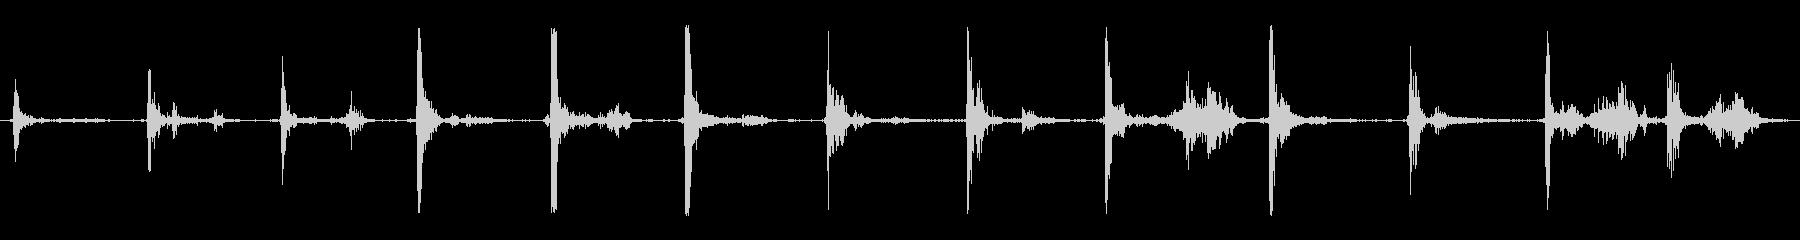 エイリアンウォーキング;大きな鈍い...の未再生の波形